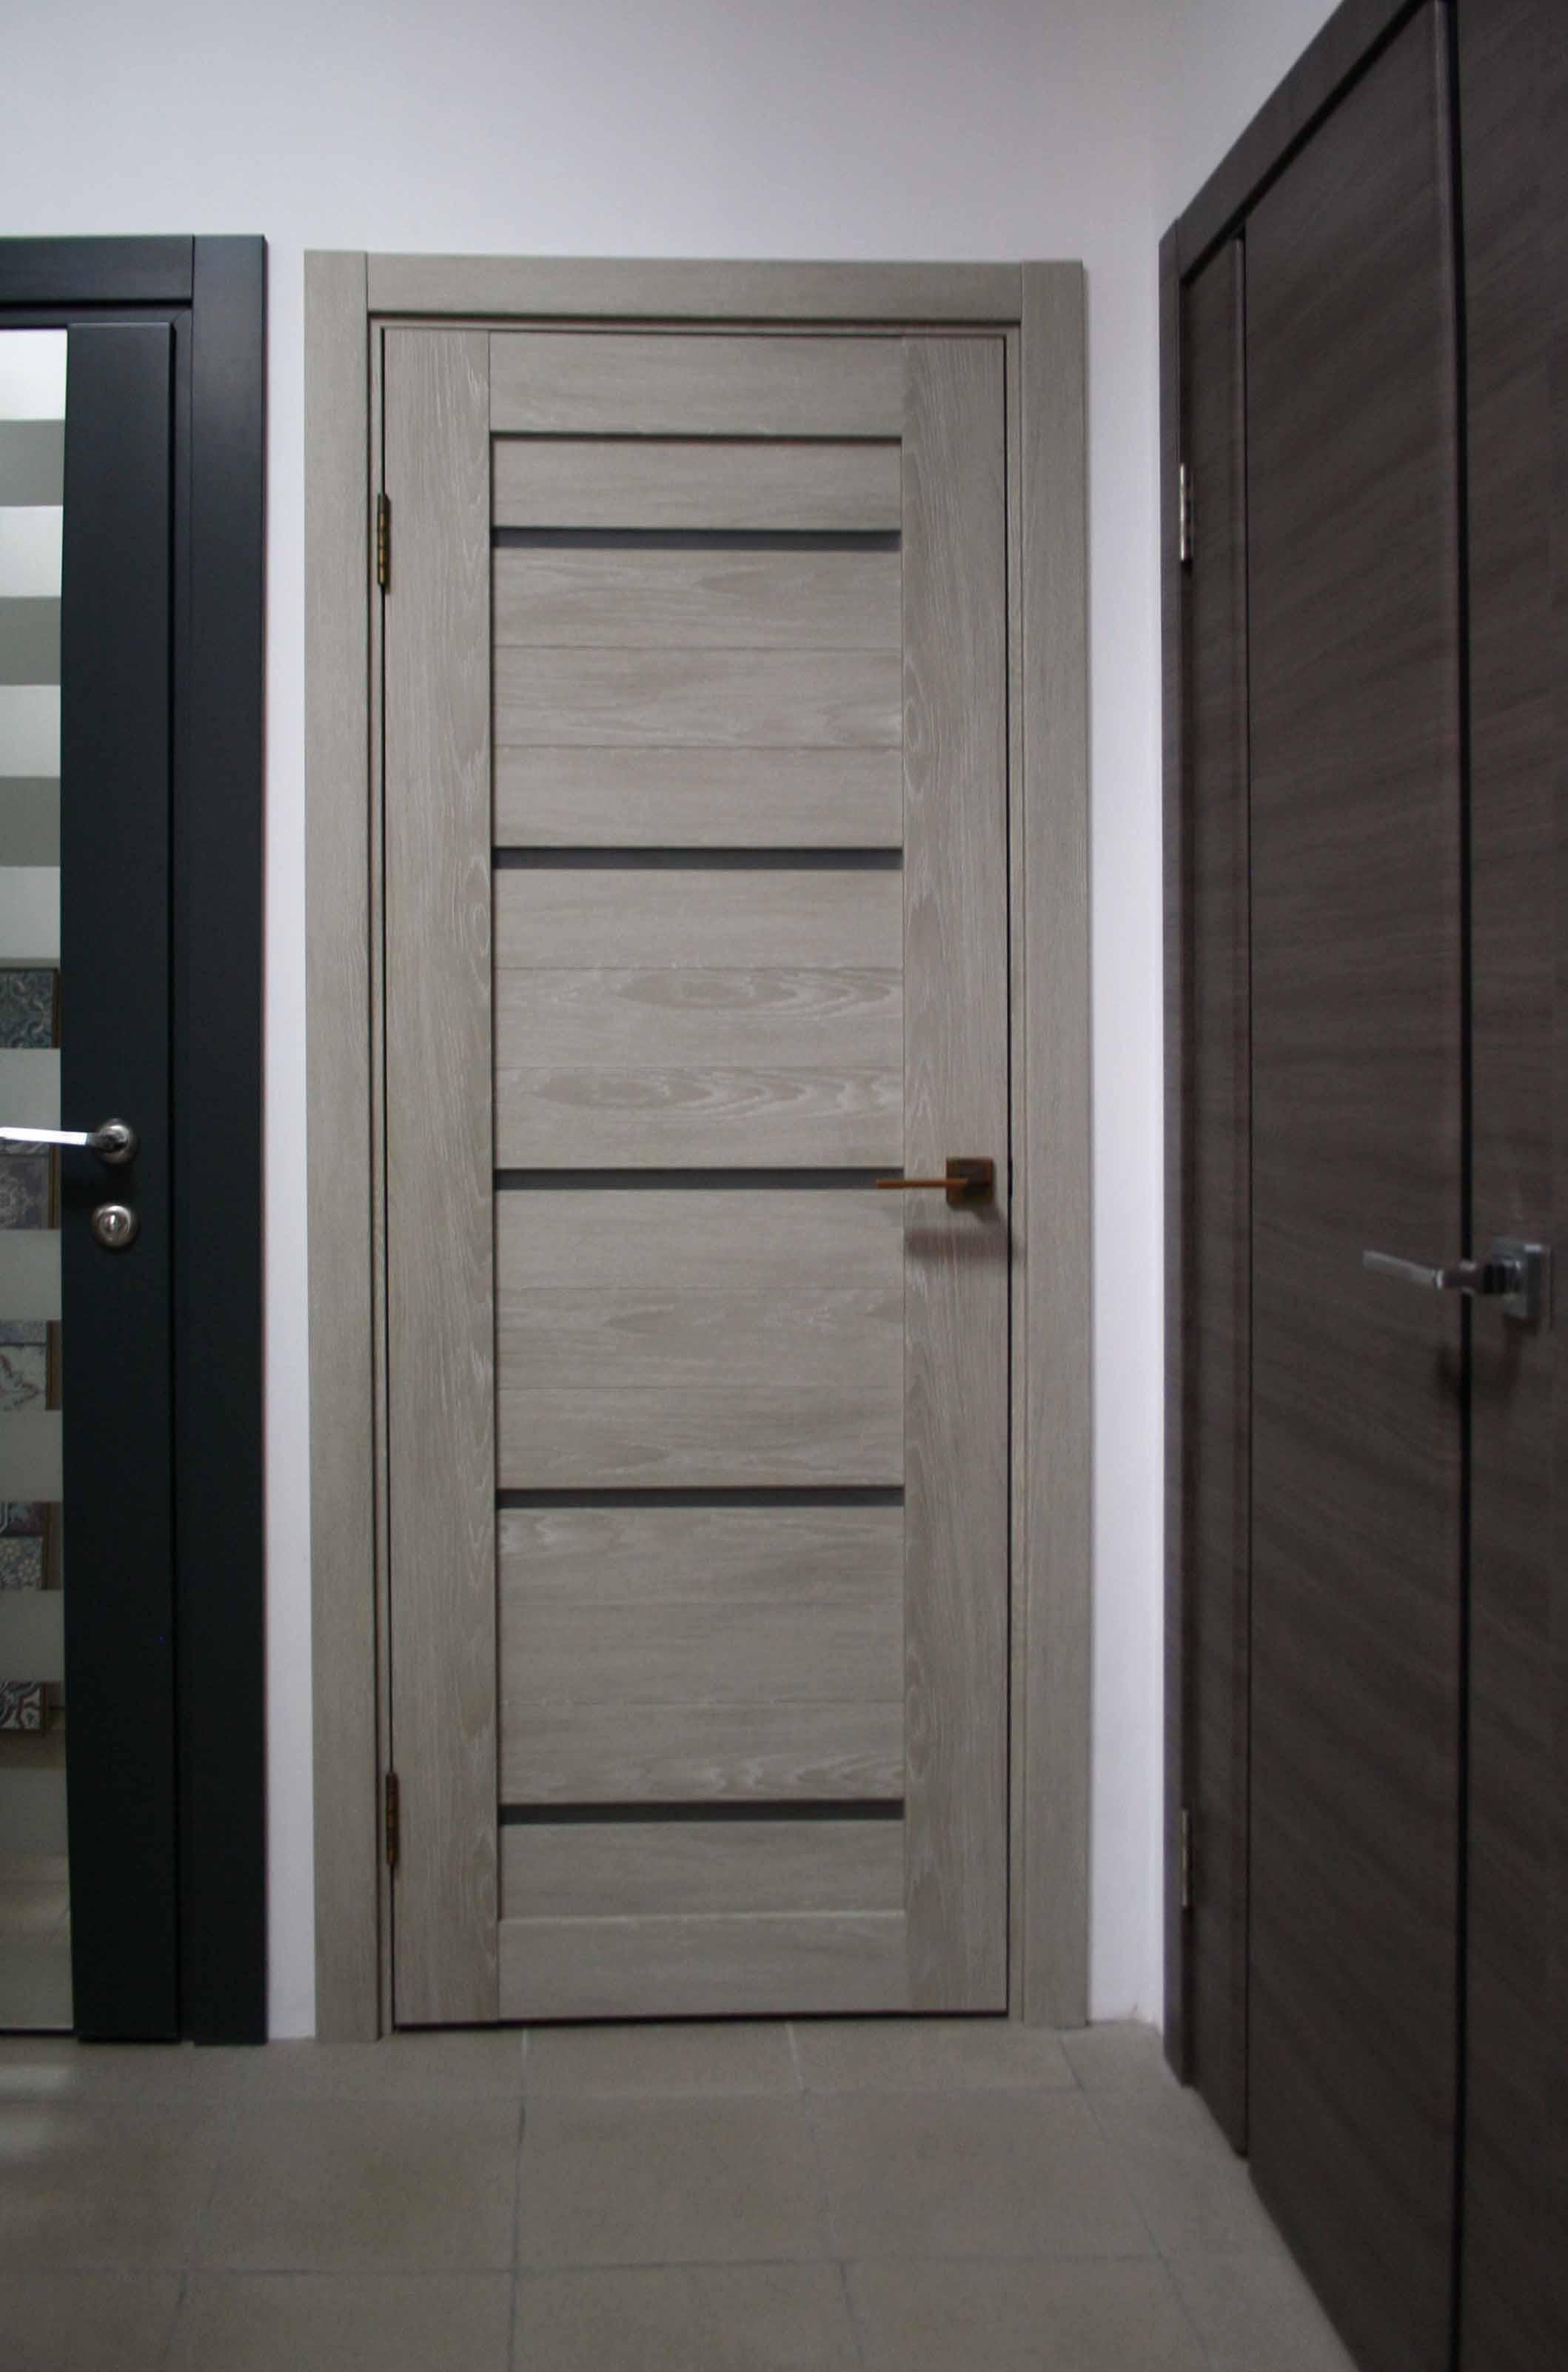 сборная модель межкомнатной двери фабрики лорд